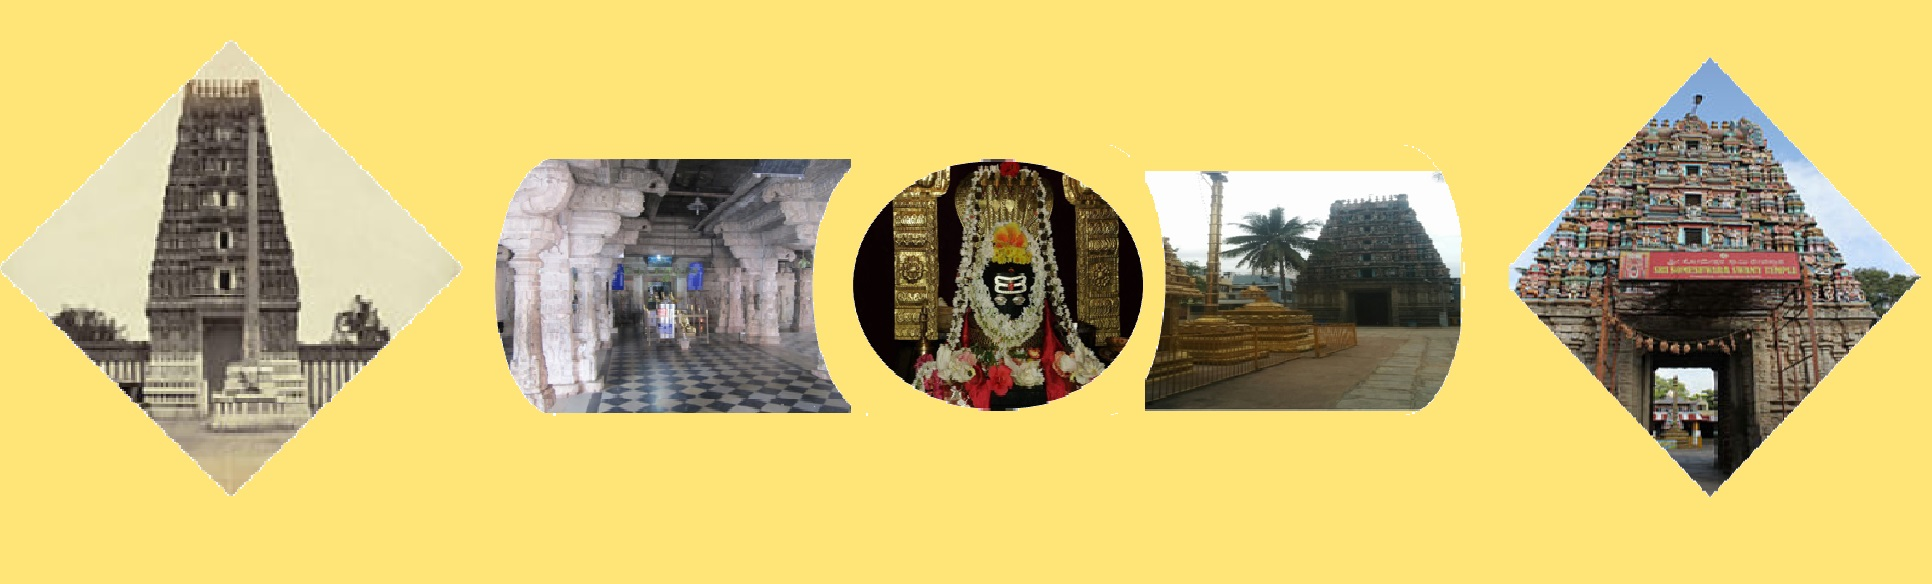 ಸೋಮೇಶ್ವರ-ದೇವಸ್ಥಾನ